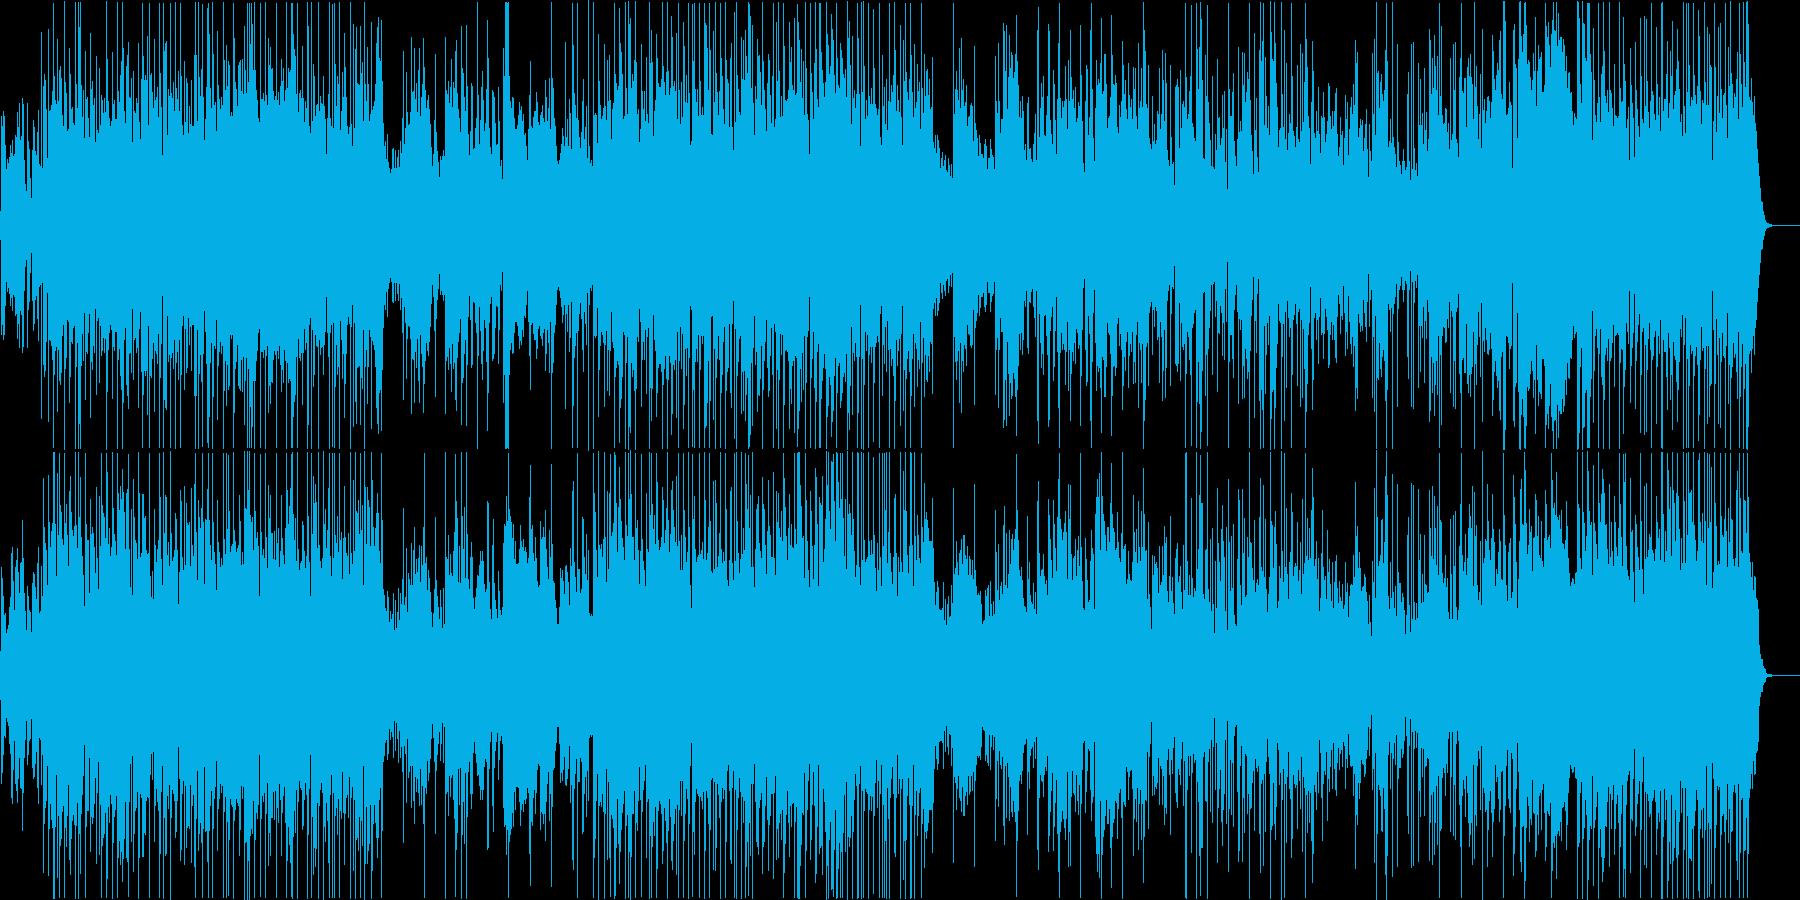 サーカス風のキラキラした質感のBGMの再生済みの波形